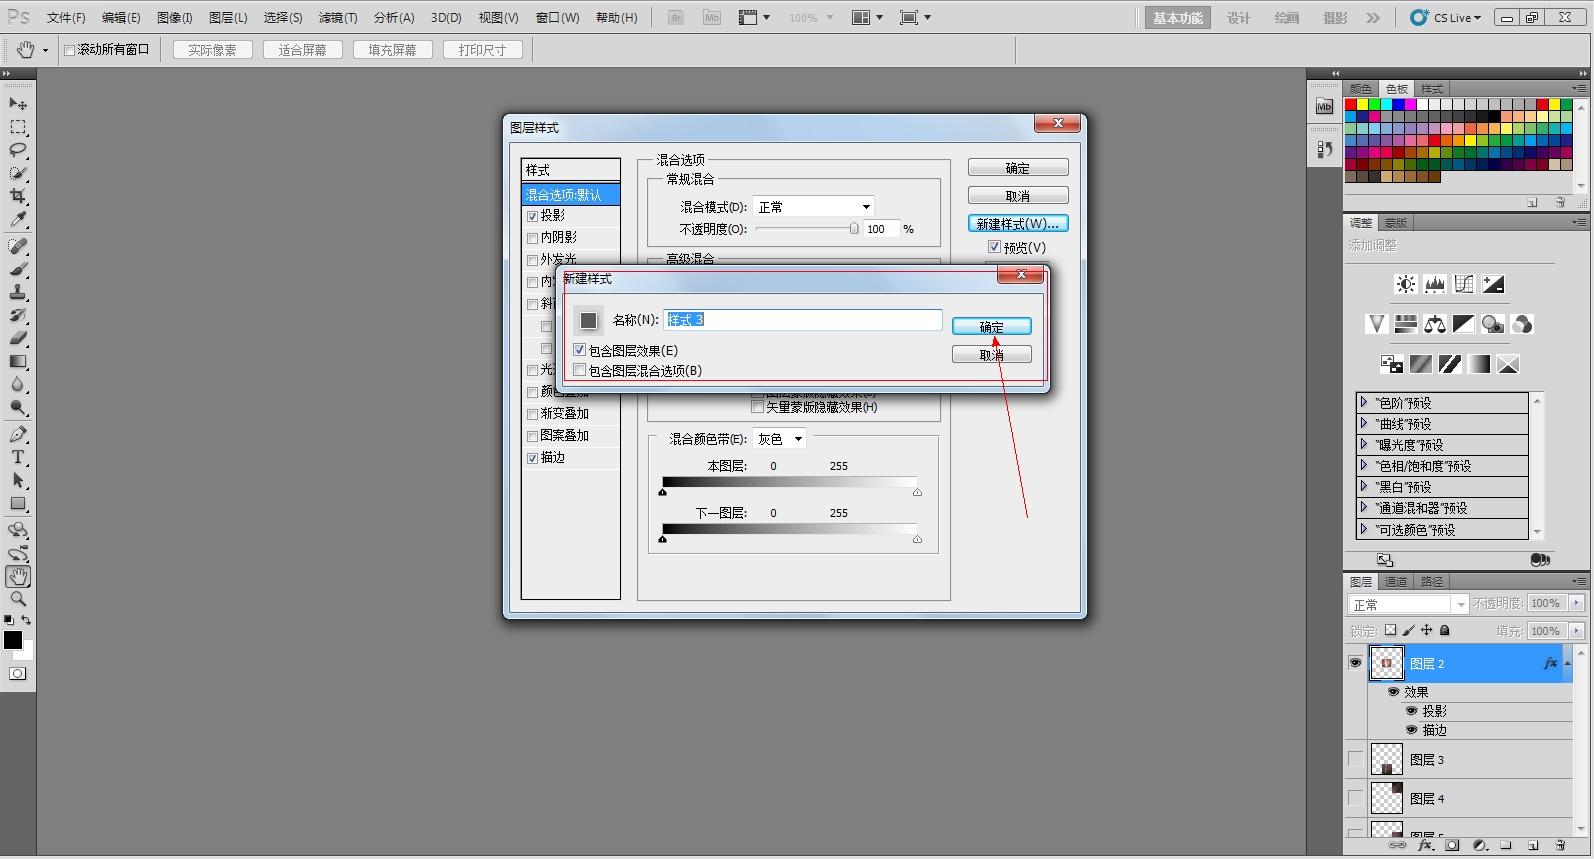 photoshopcs5麻将拖动图层后边的fx到组1不行珙县鼠标实用技巧图片